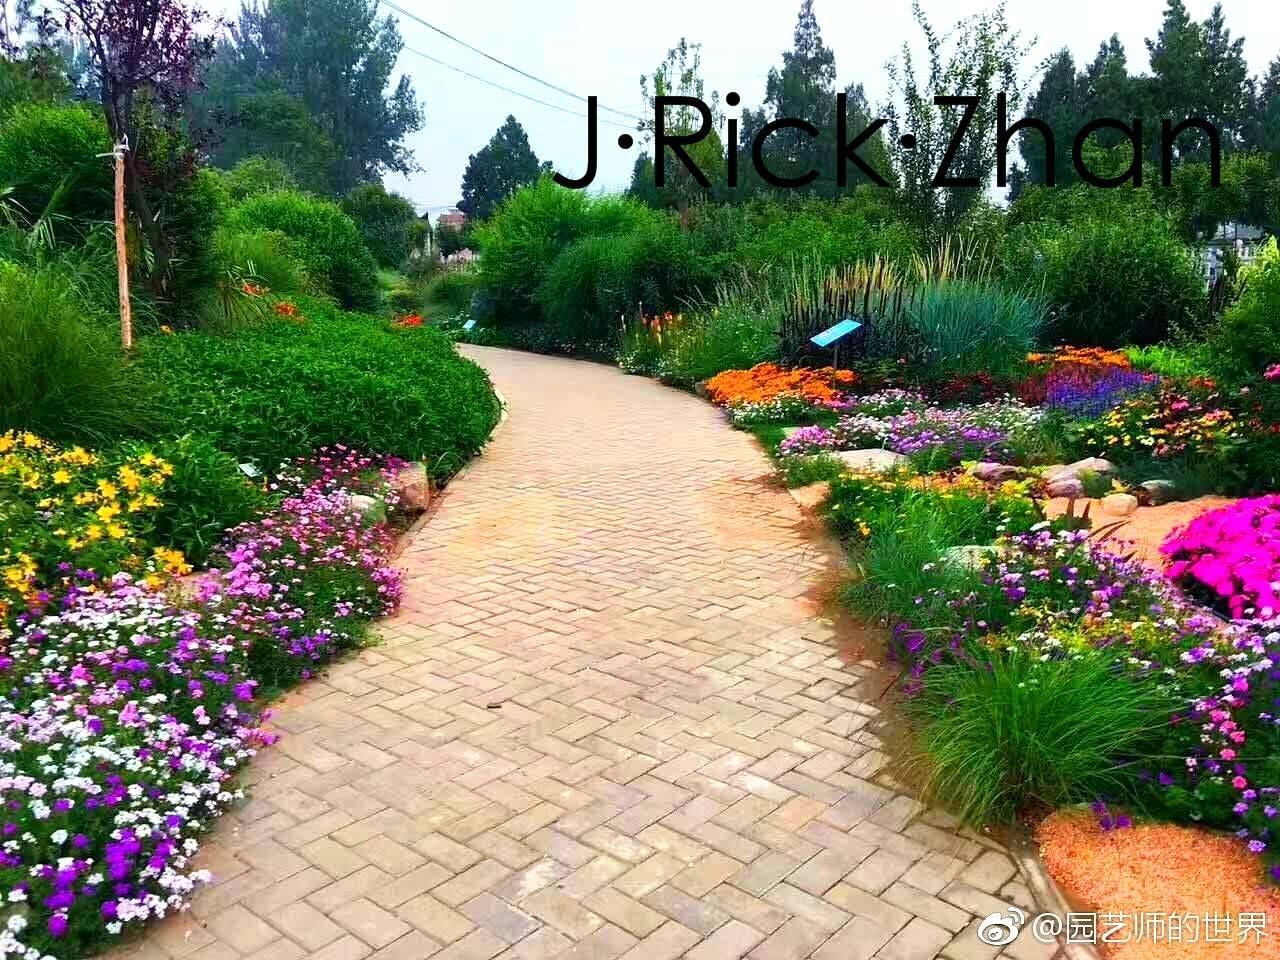 植物配景与造景_春季景观植物如何布置——花境-知乎